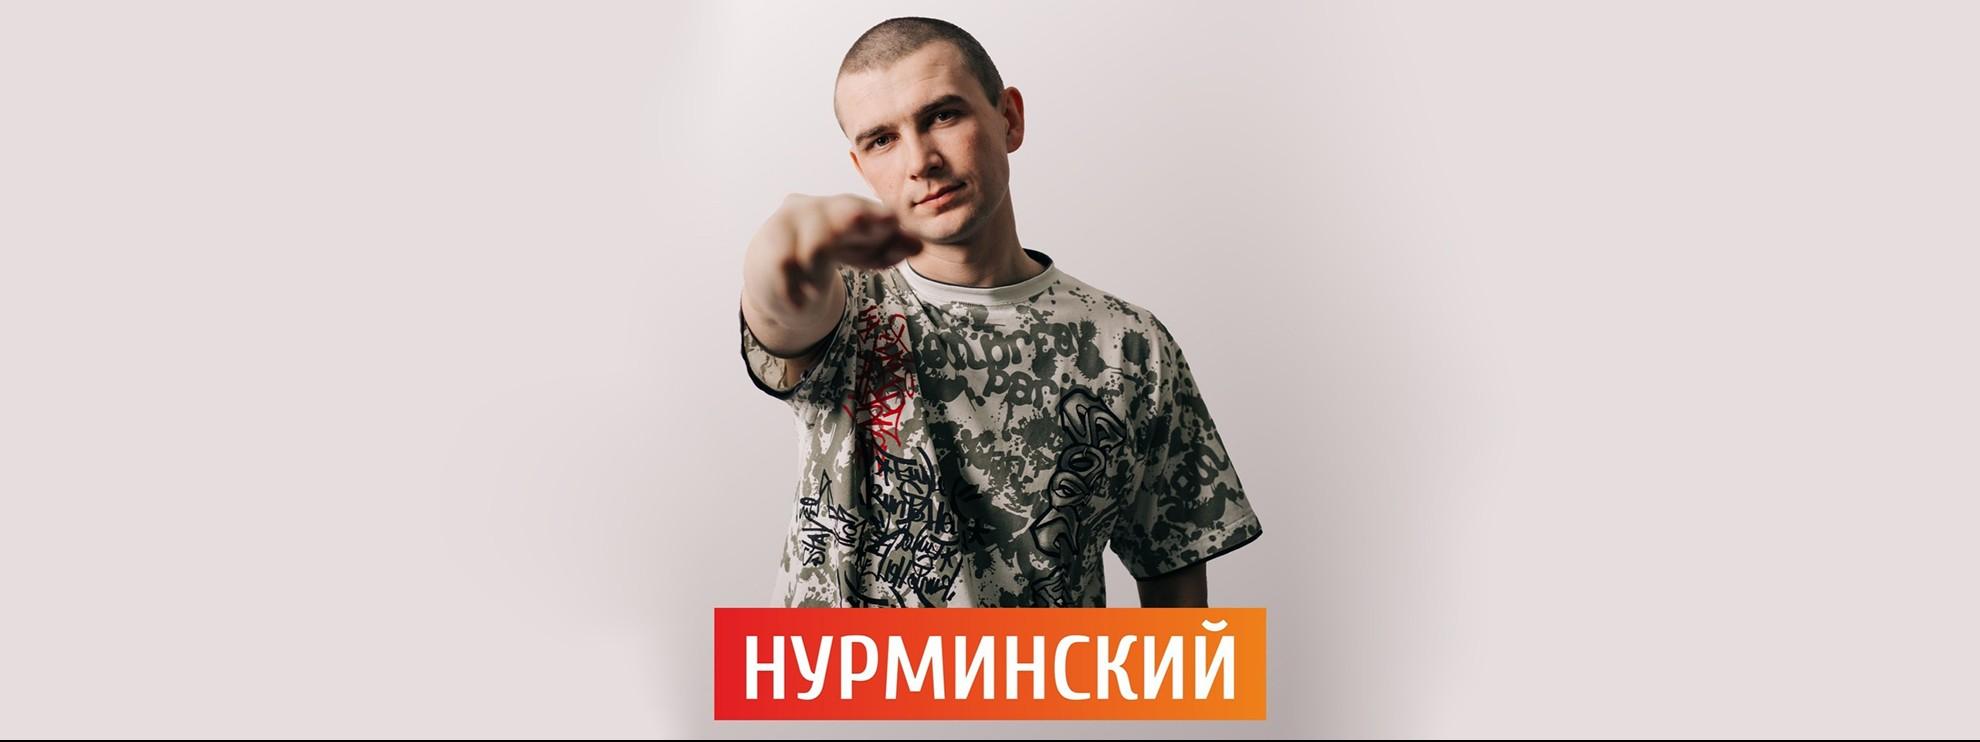 виконавець Альберт Нурмінський